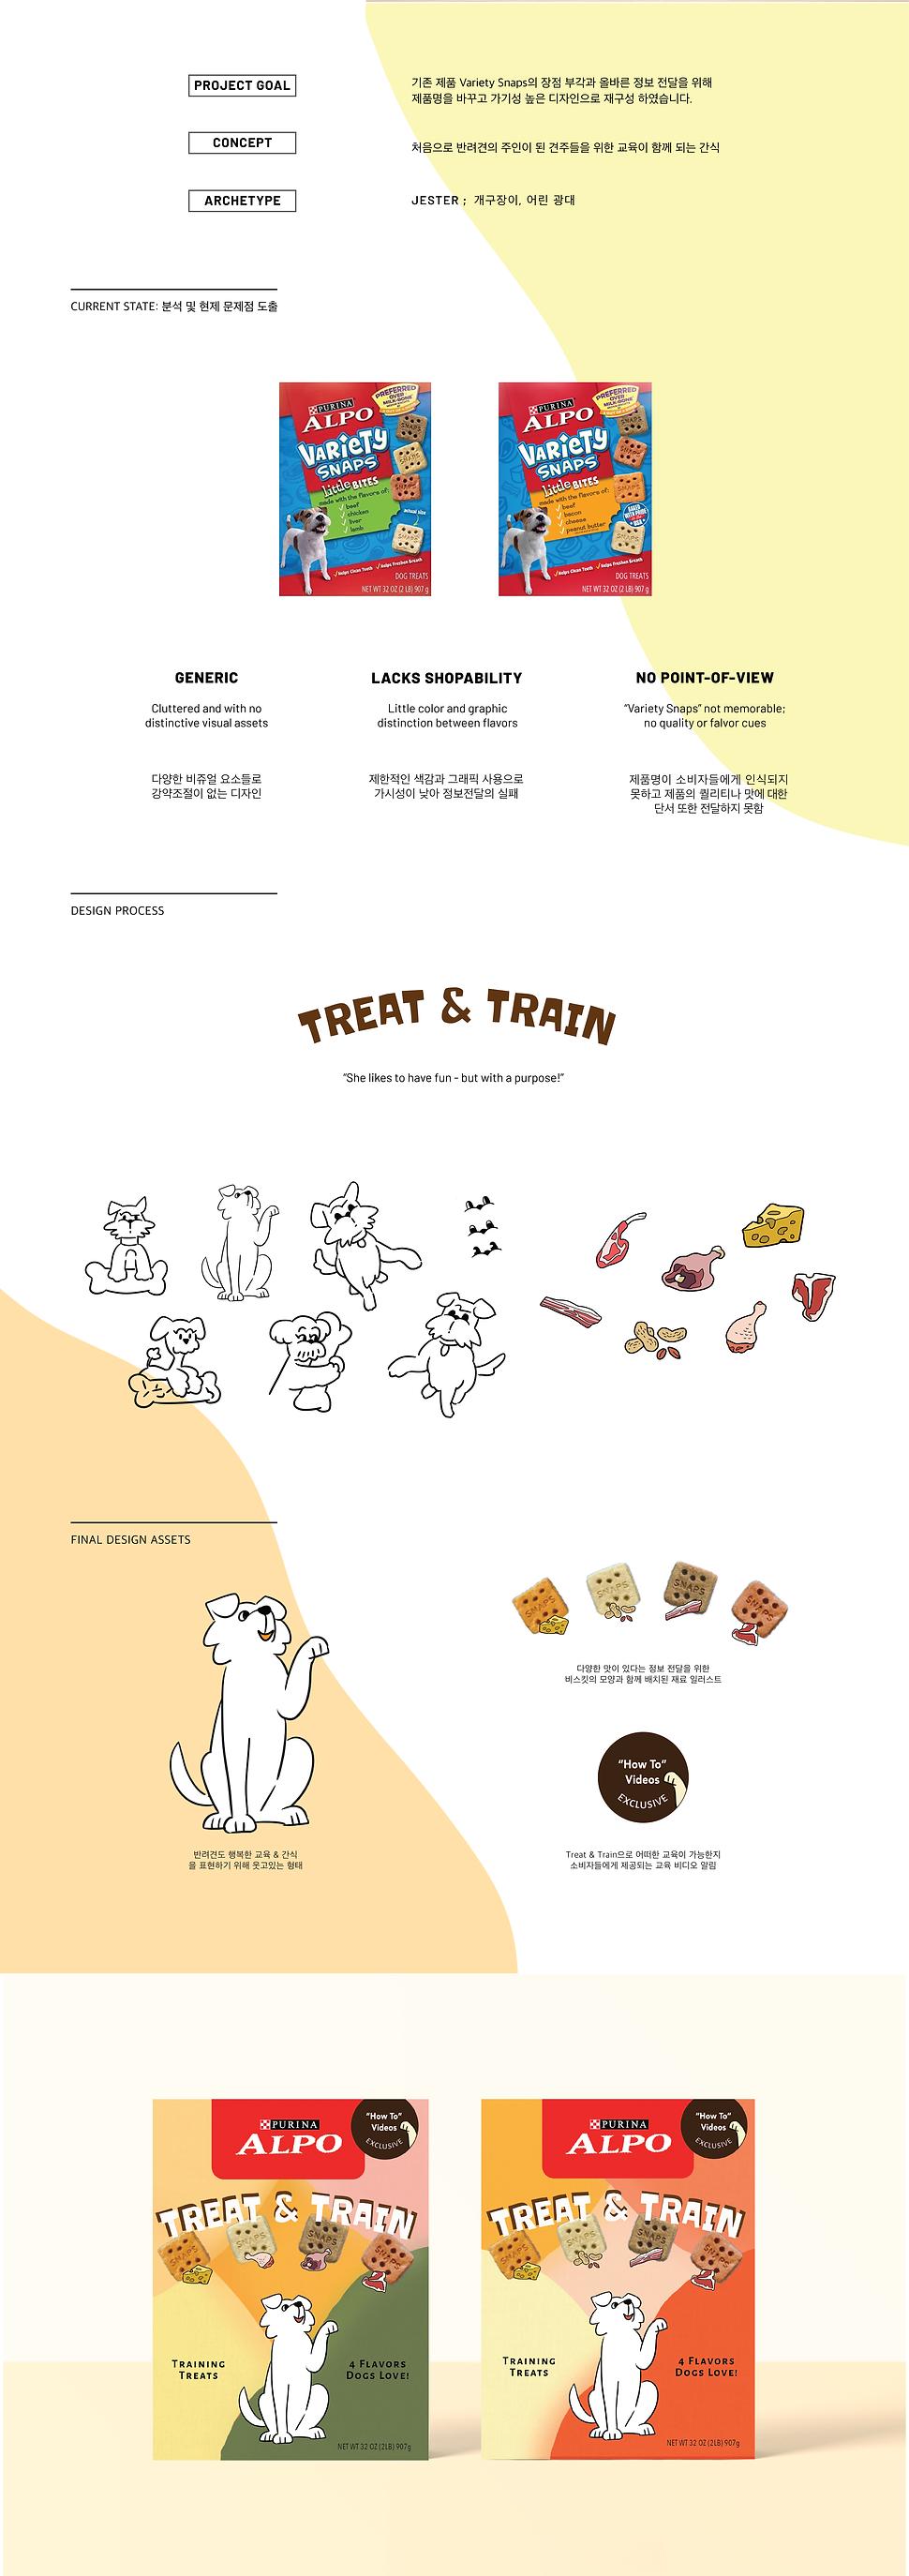 treatandtrain-03.png